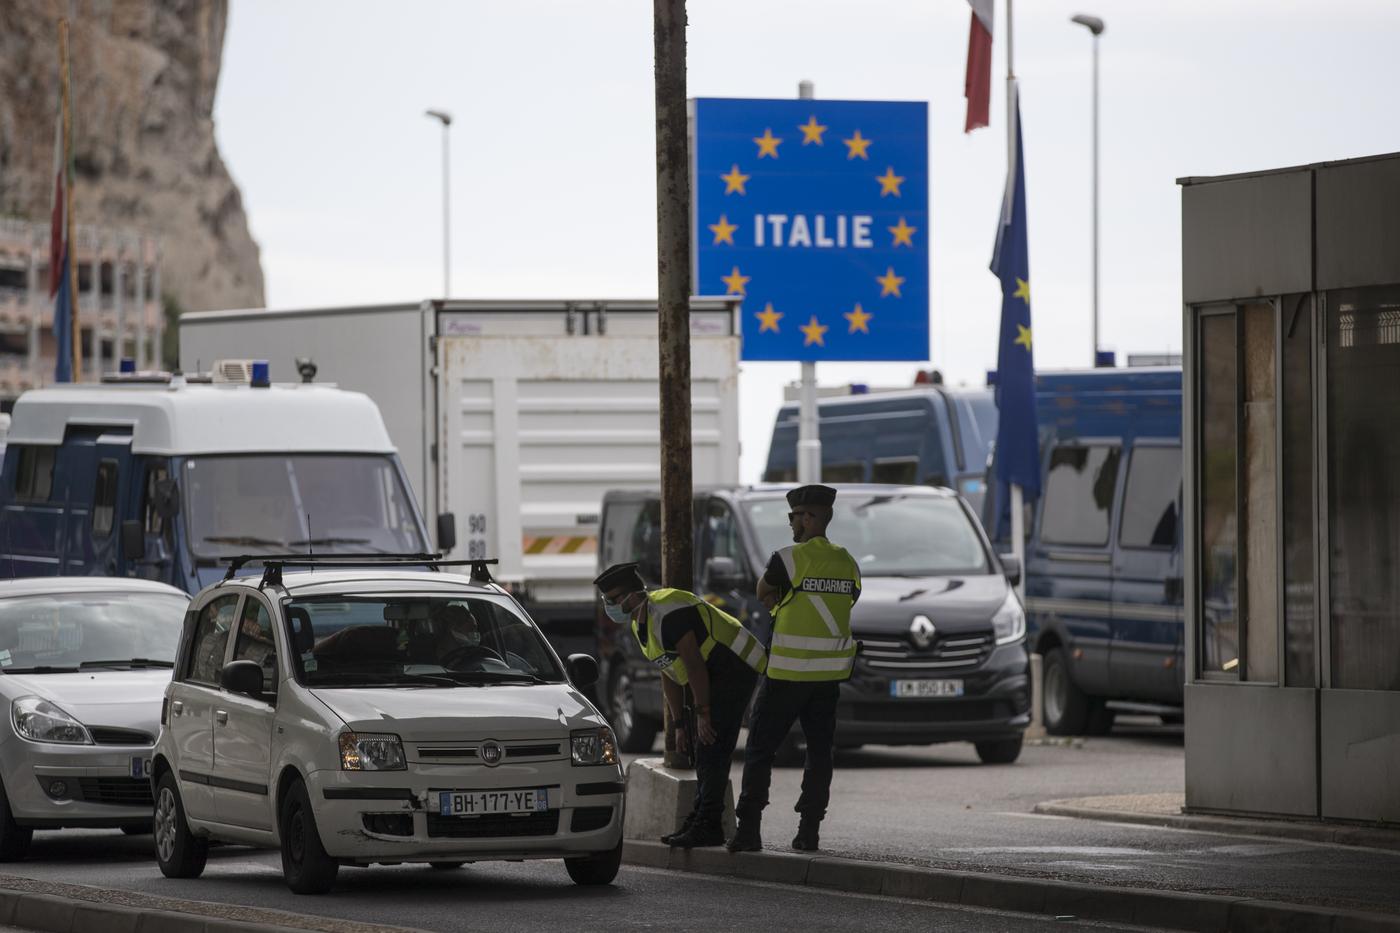 L'Italia chiude le frontiere a 17 paesi: ecco la 'lista nera' contenuta nel nuovo Dpcm firmato oggi